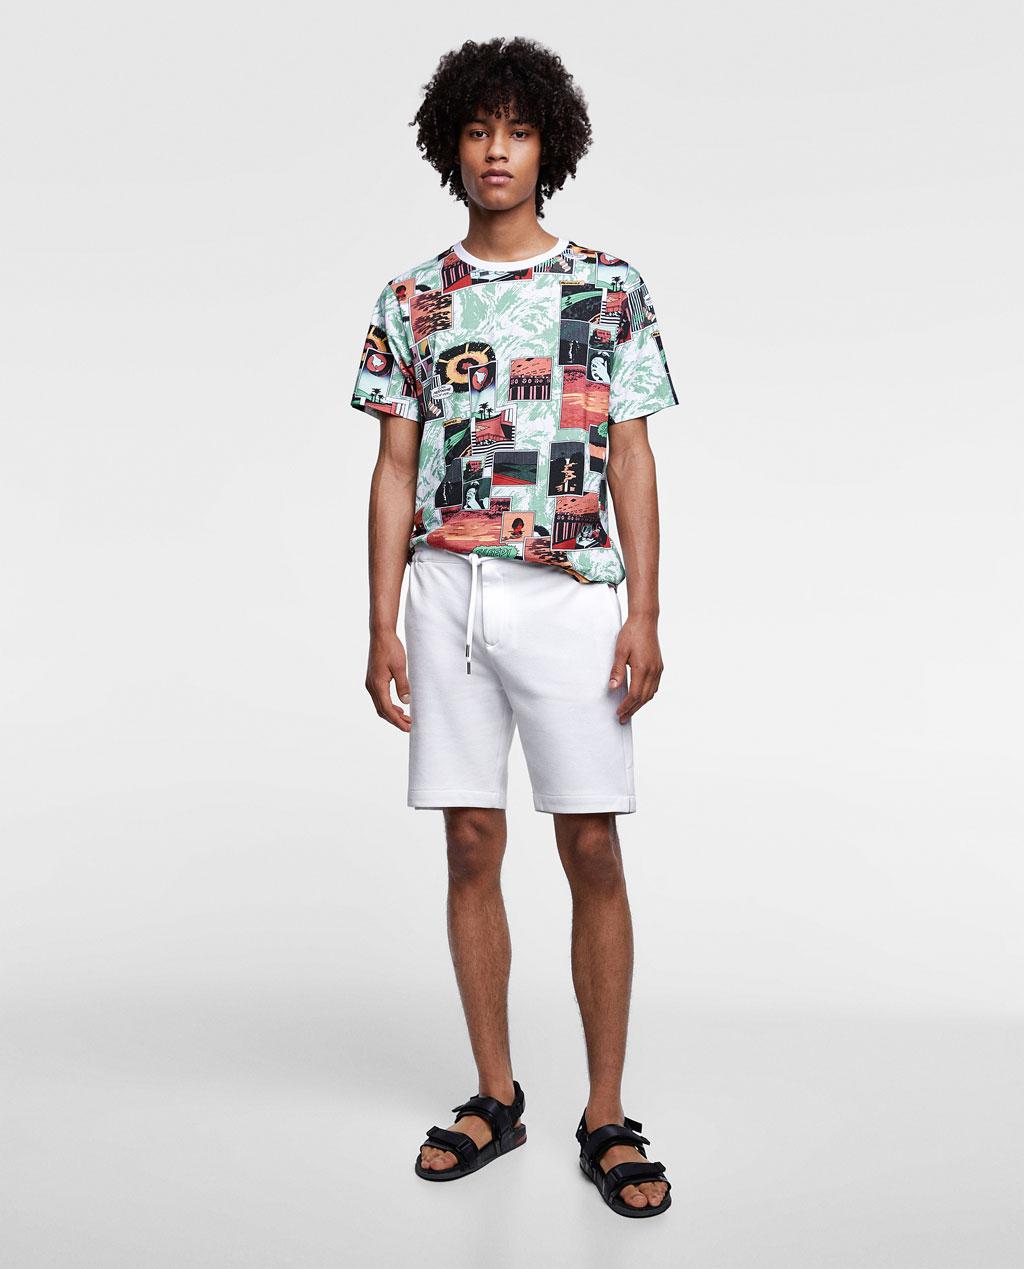 Thời trang nam Zara  24031 - ảnh 3